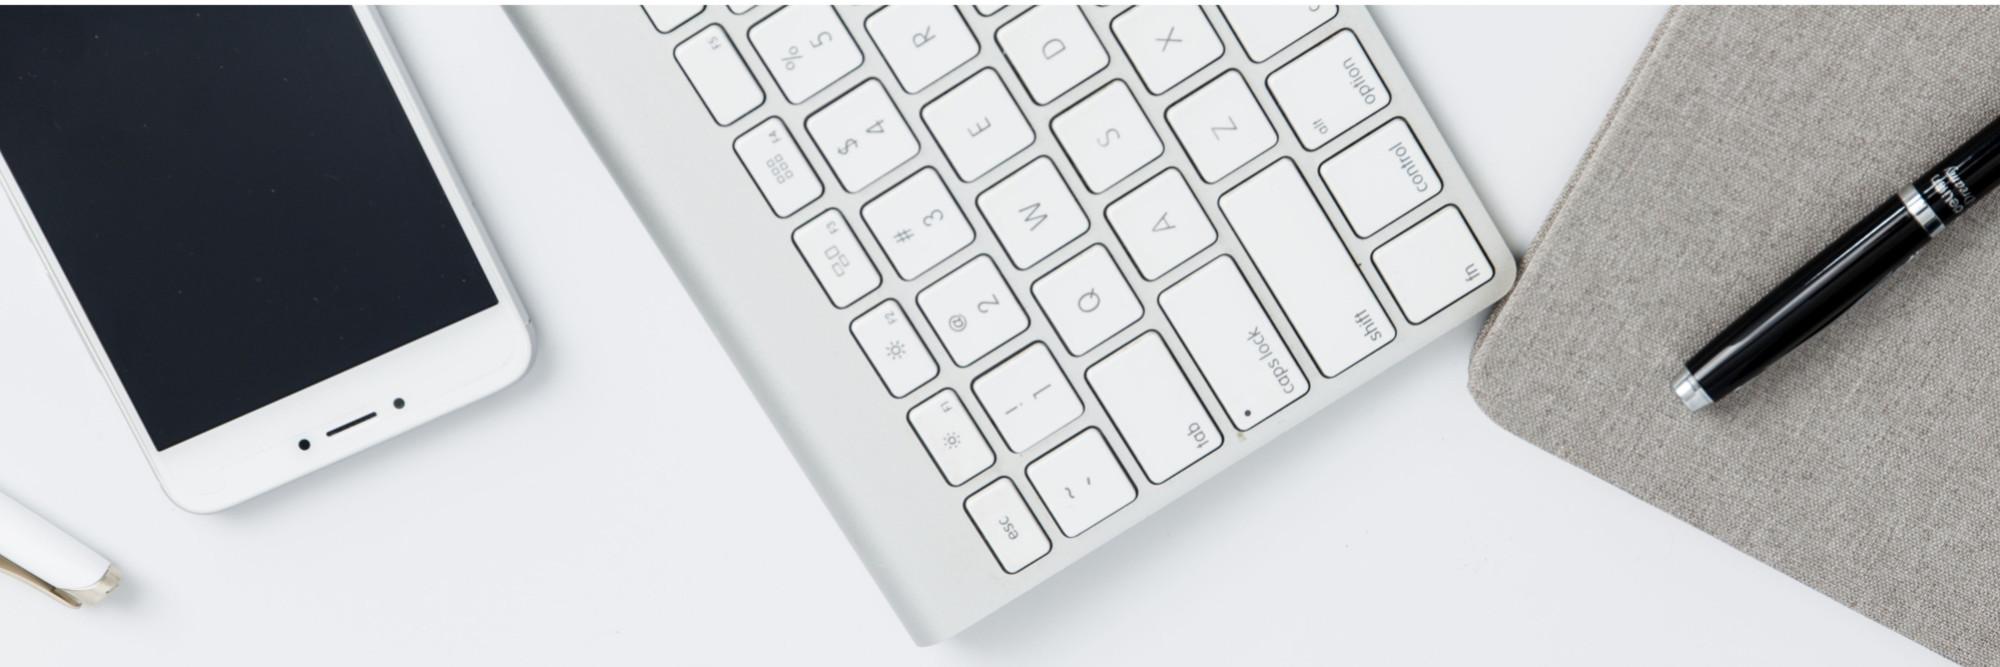 Blick auf einen Schreibtisch: Tastatur, Handy und Stift.